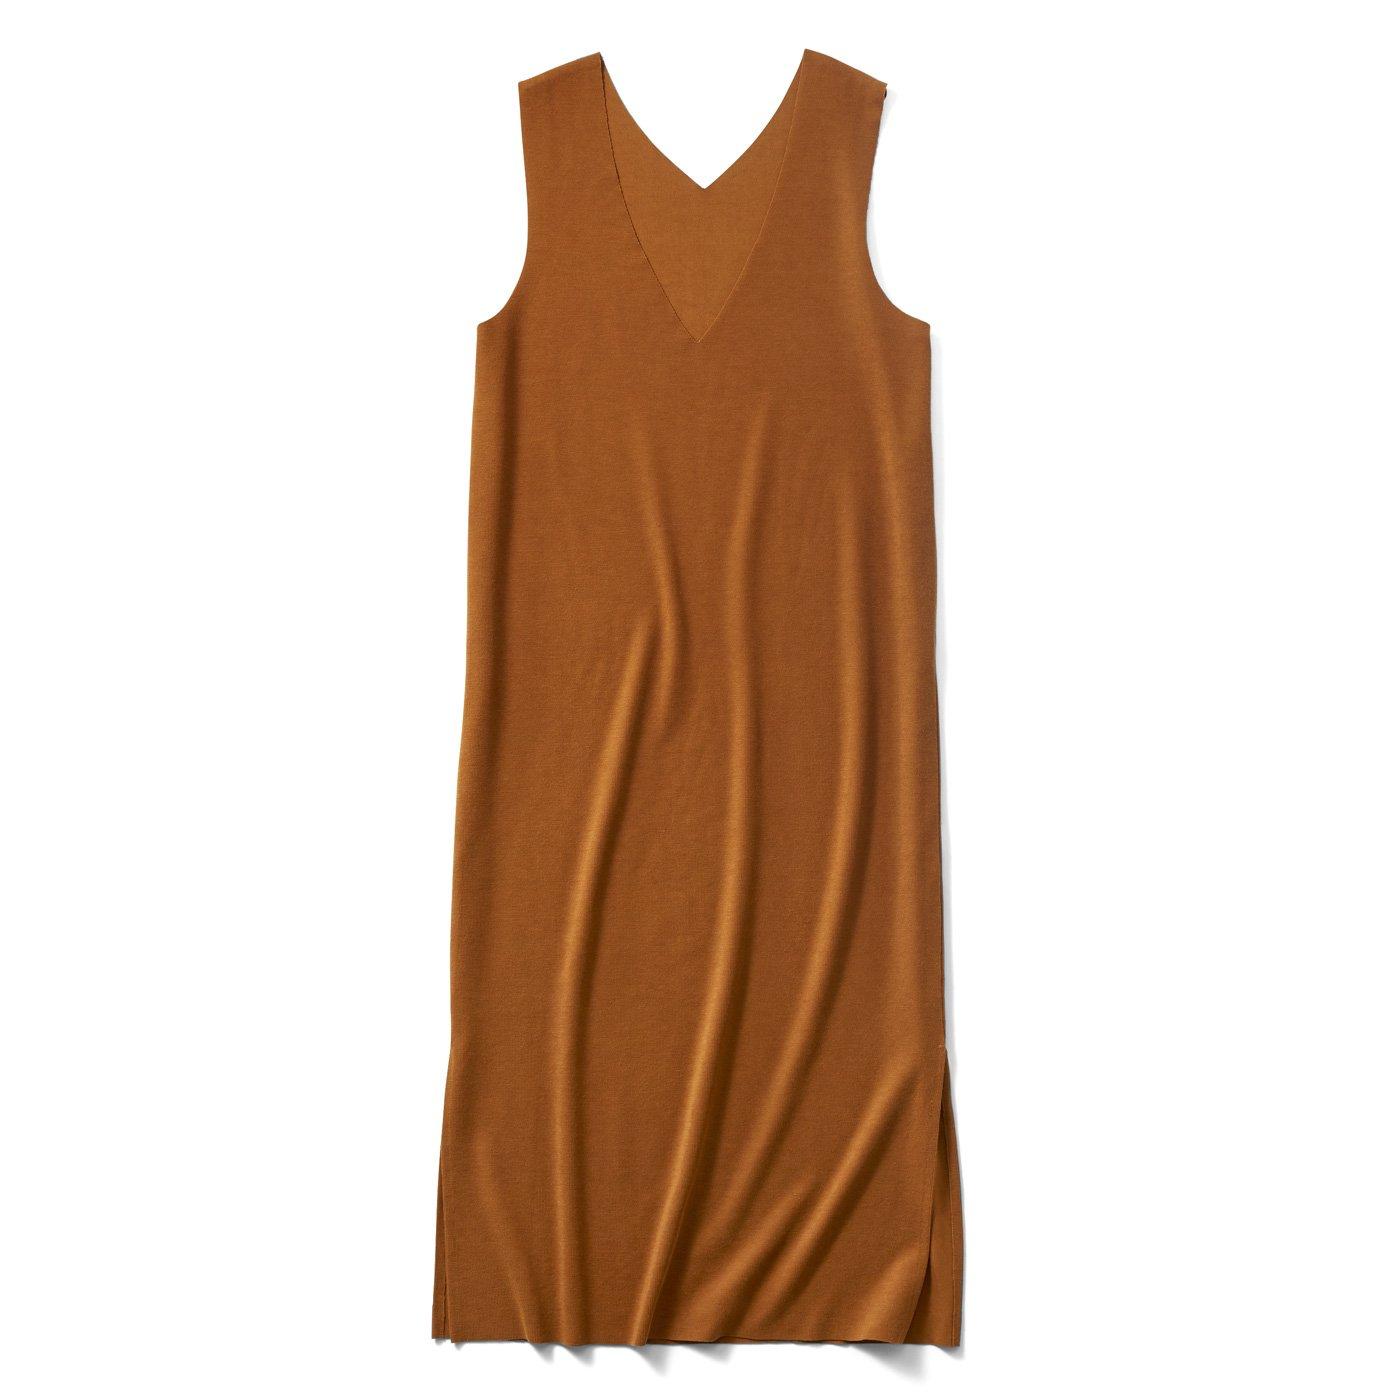 IEDIT スマート見えする リップルカットソージャンパースカート〈キャメルブラウン〉